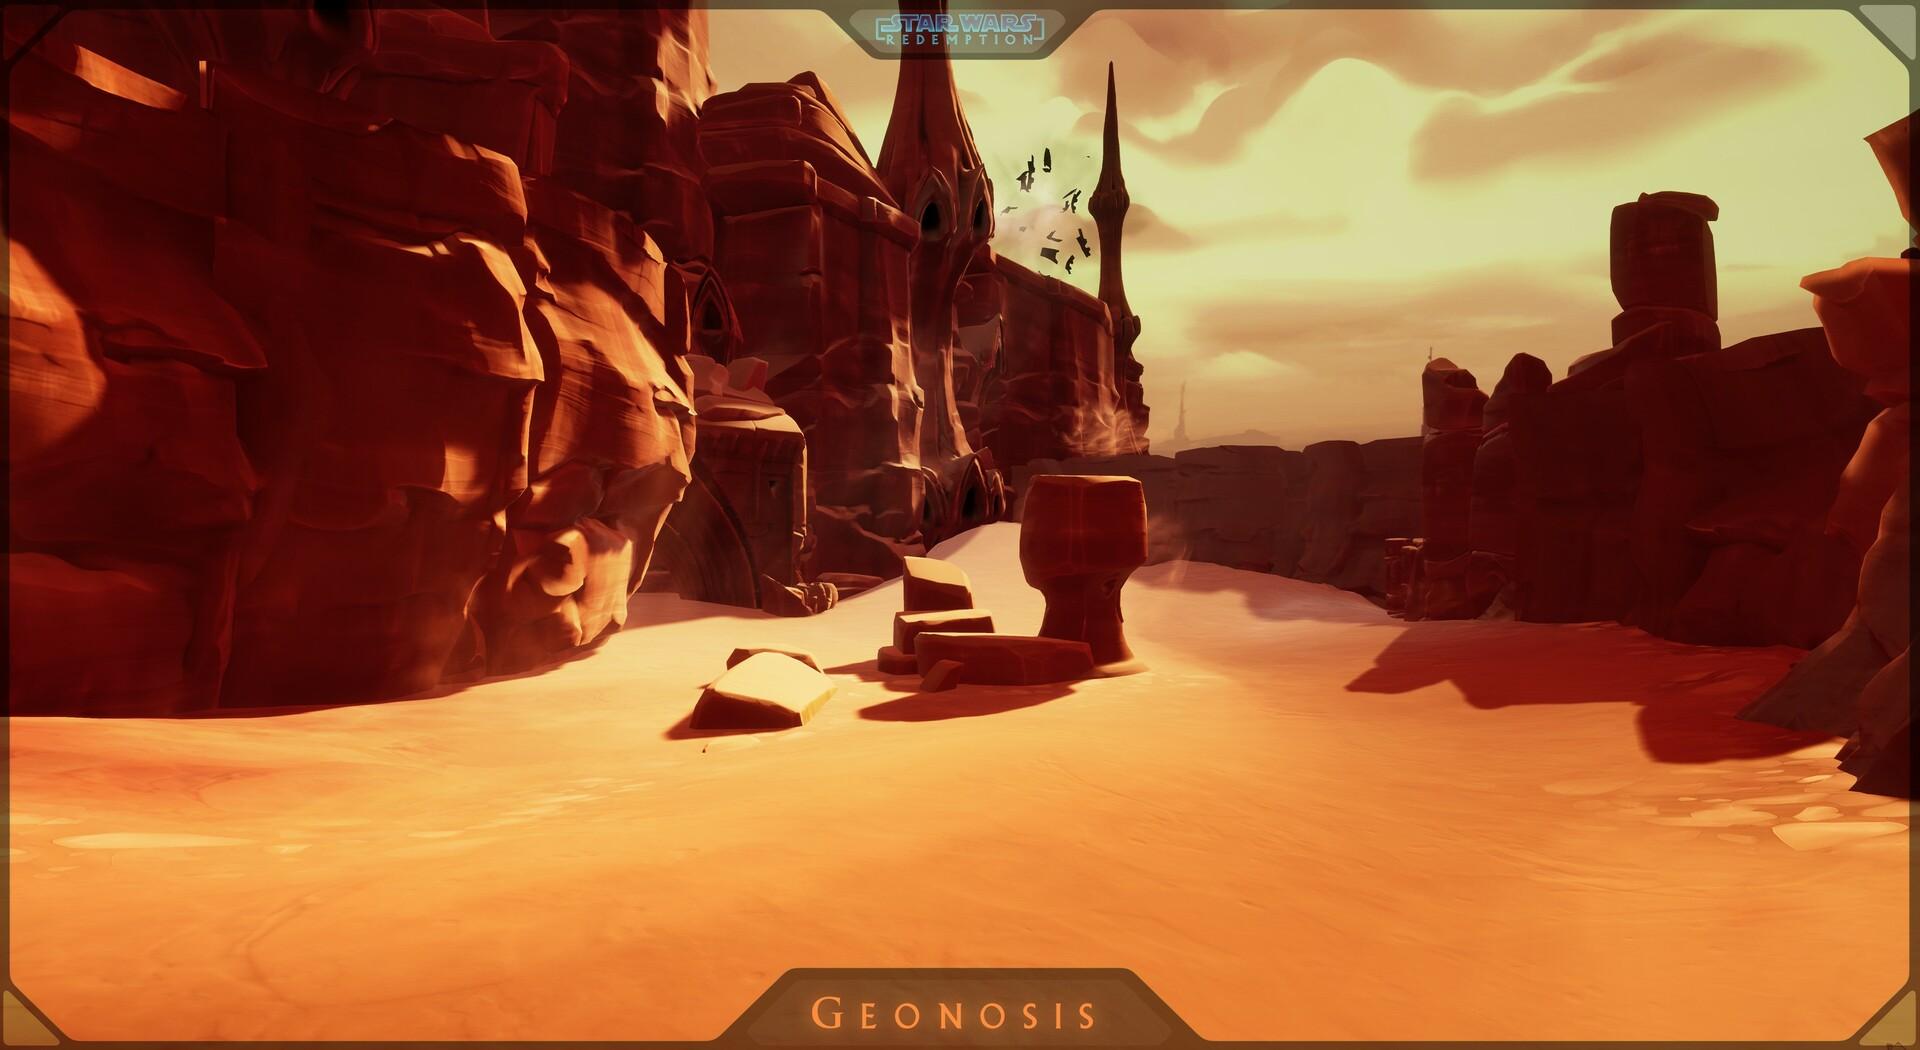 Etienne beschet swr screenshot geonosis 01